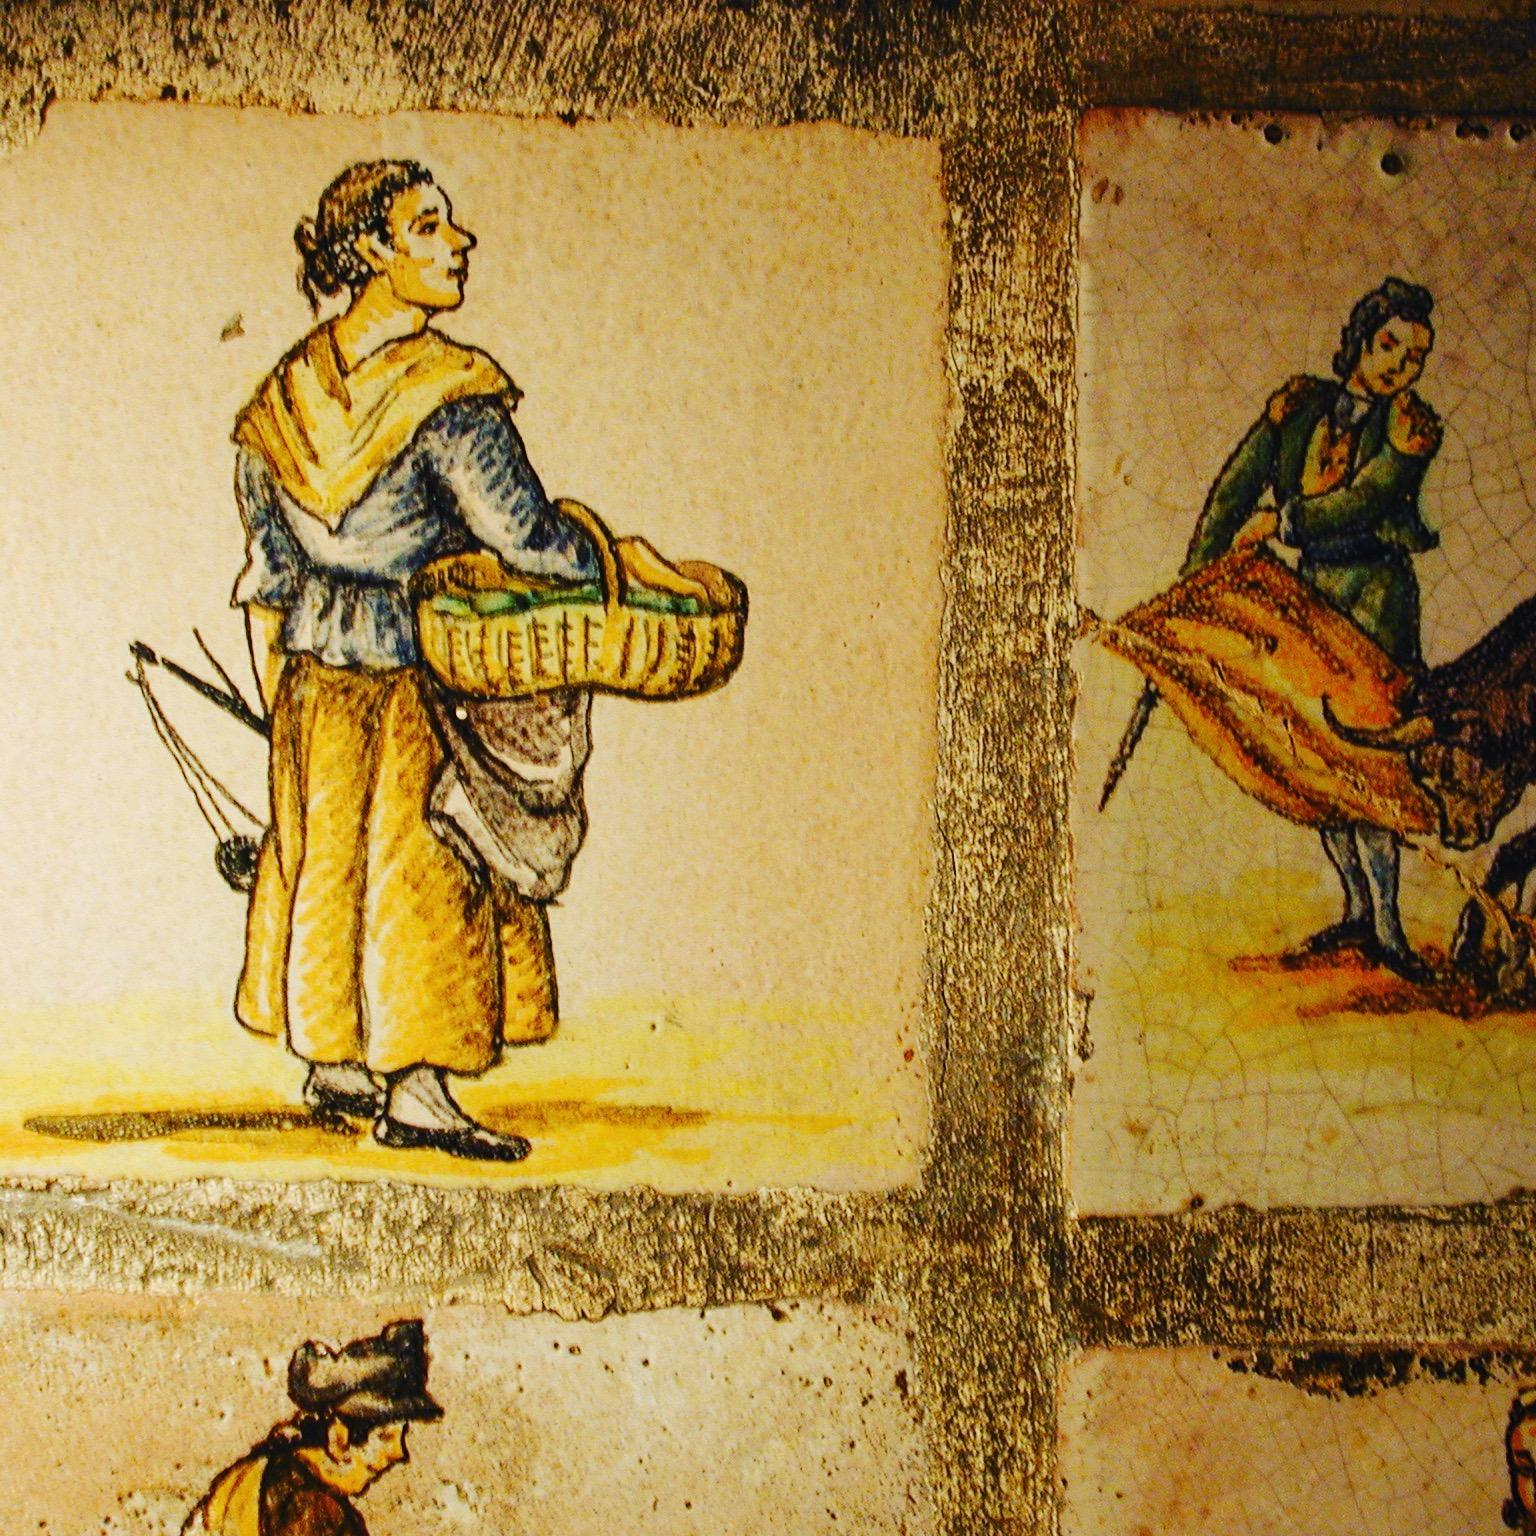 Spanische Fliesen aus dem 18. Jahrhundert, die das Kunsthandwerk darstellen